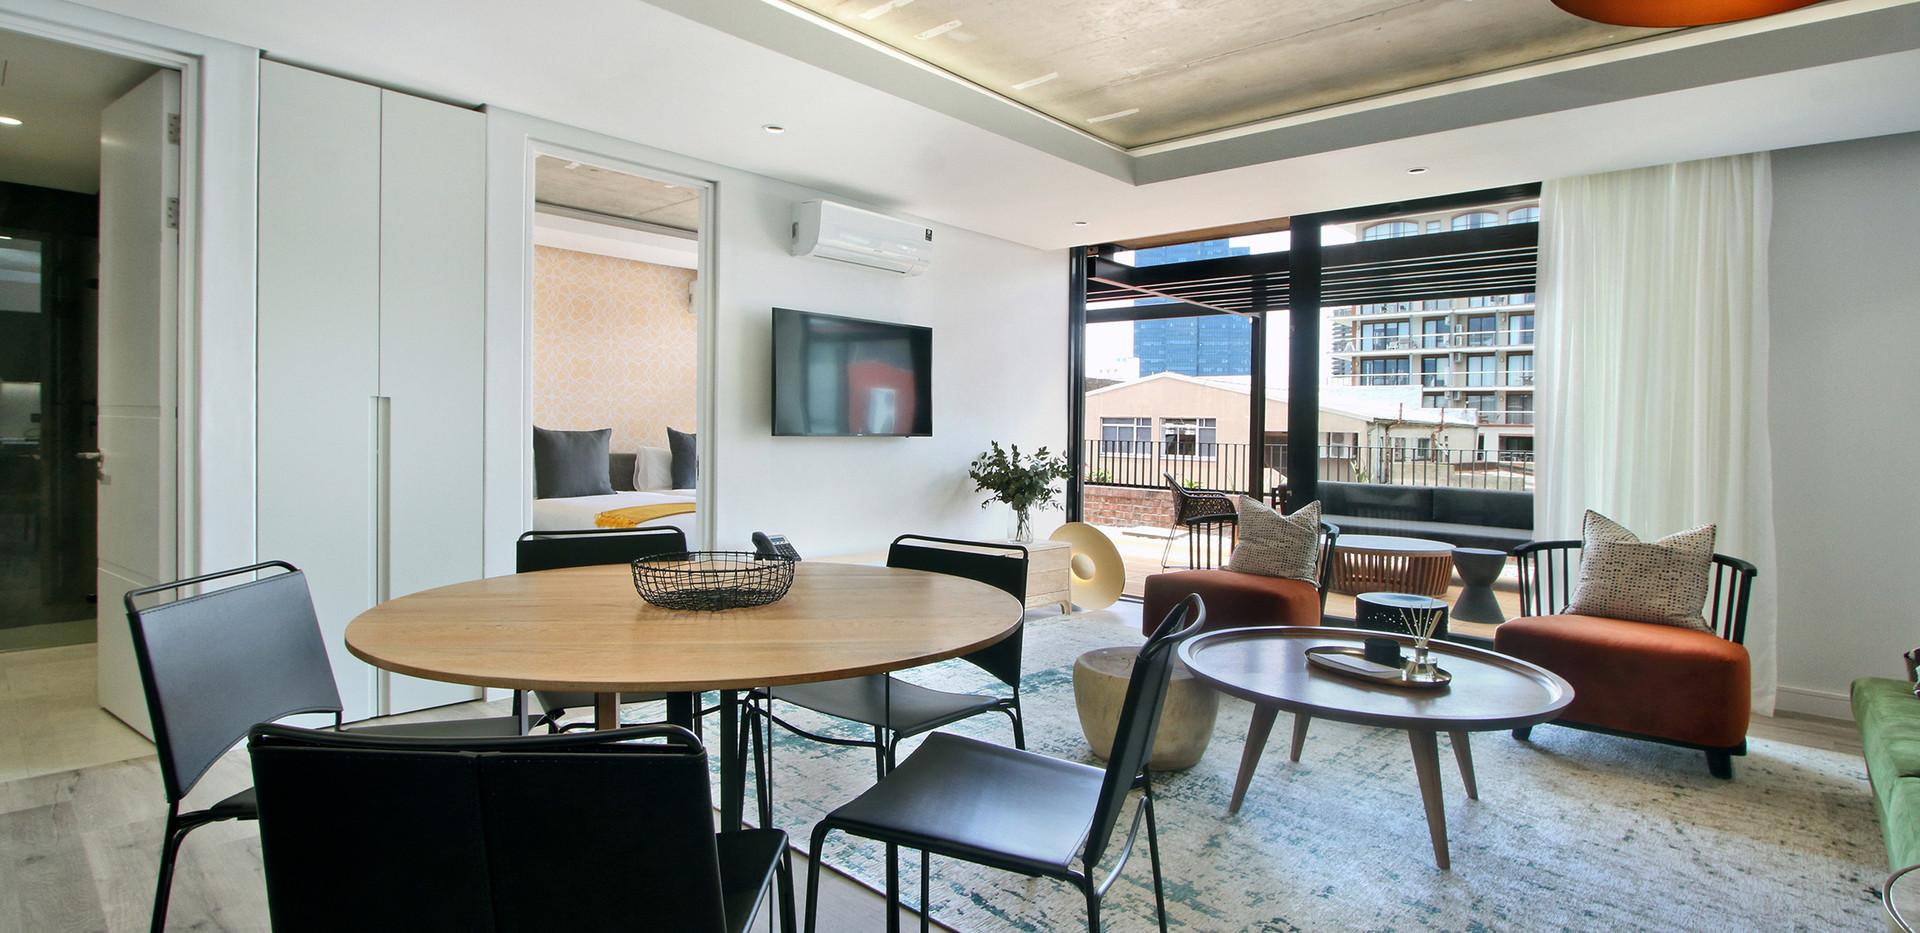 Lounge_2bedroom_Signatura_206_ITC_4.jpg